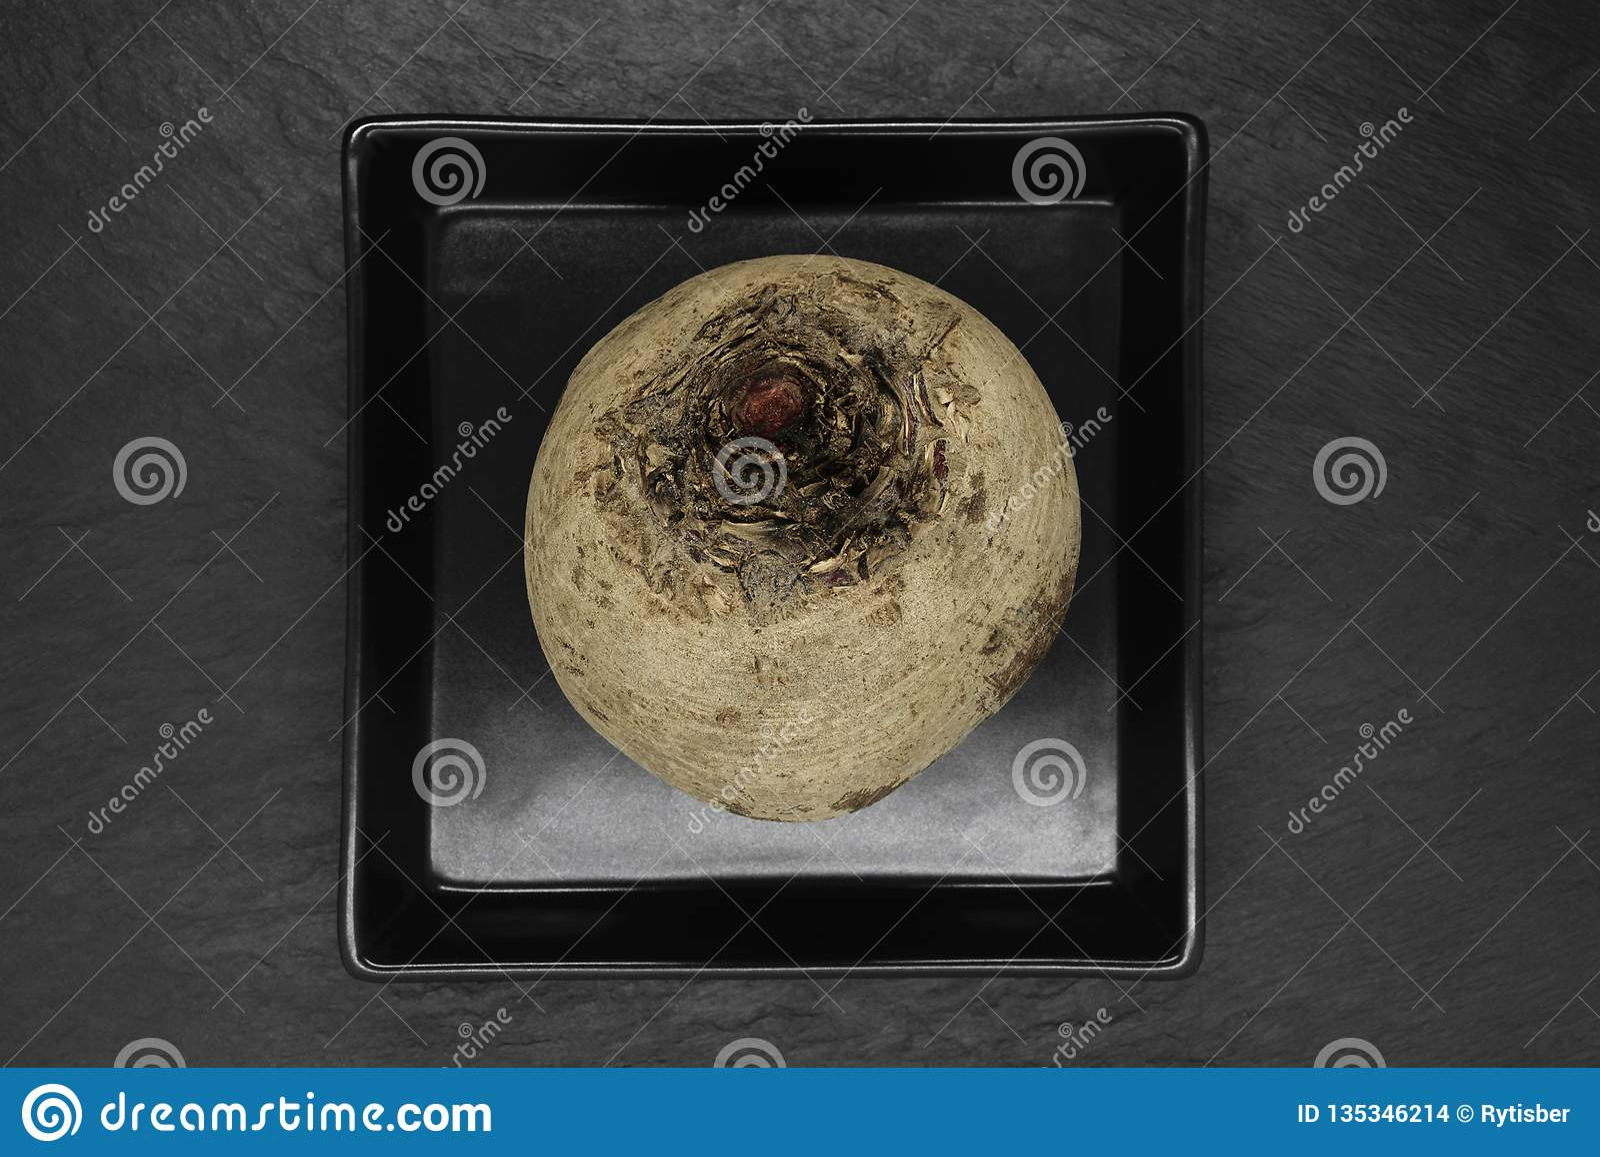 Αφηρημένη σύνθεση στρογγυλών ολόκληρων των παντζαριών που τοποθετούνται στο μαύρο πιάτο και το μαύρο υπόβαθρο πετρών